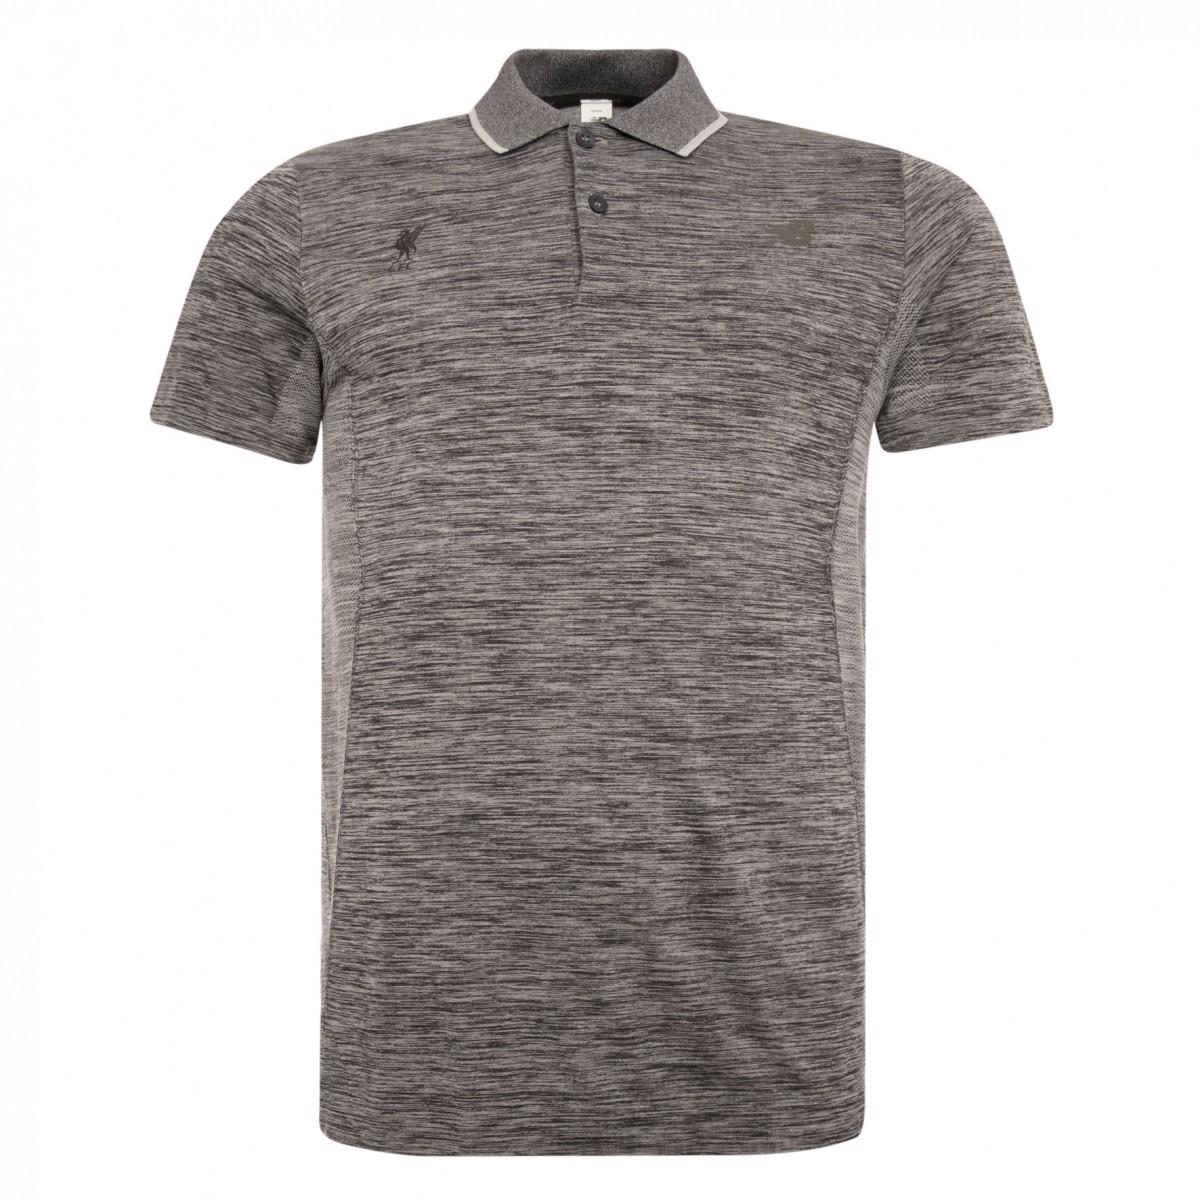 เสื้อโปโลนิวบาลานซ์ลิเวอร์พูลของแท้ New Balance Mens Grey M4M Seamless Polo